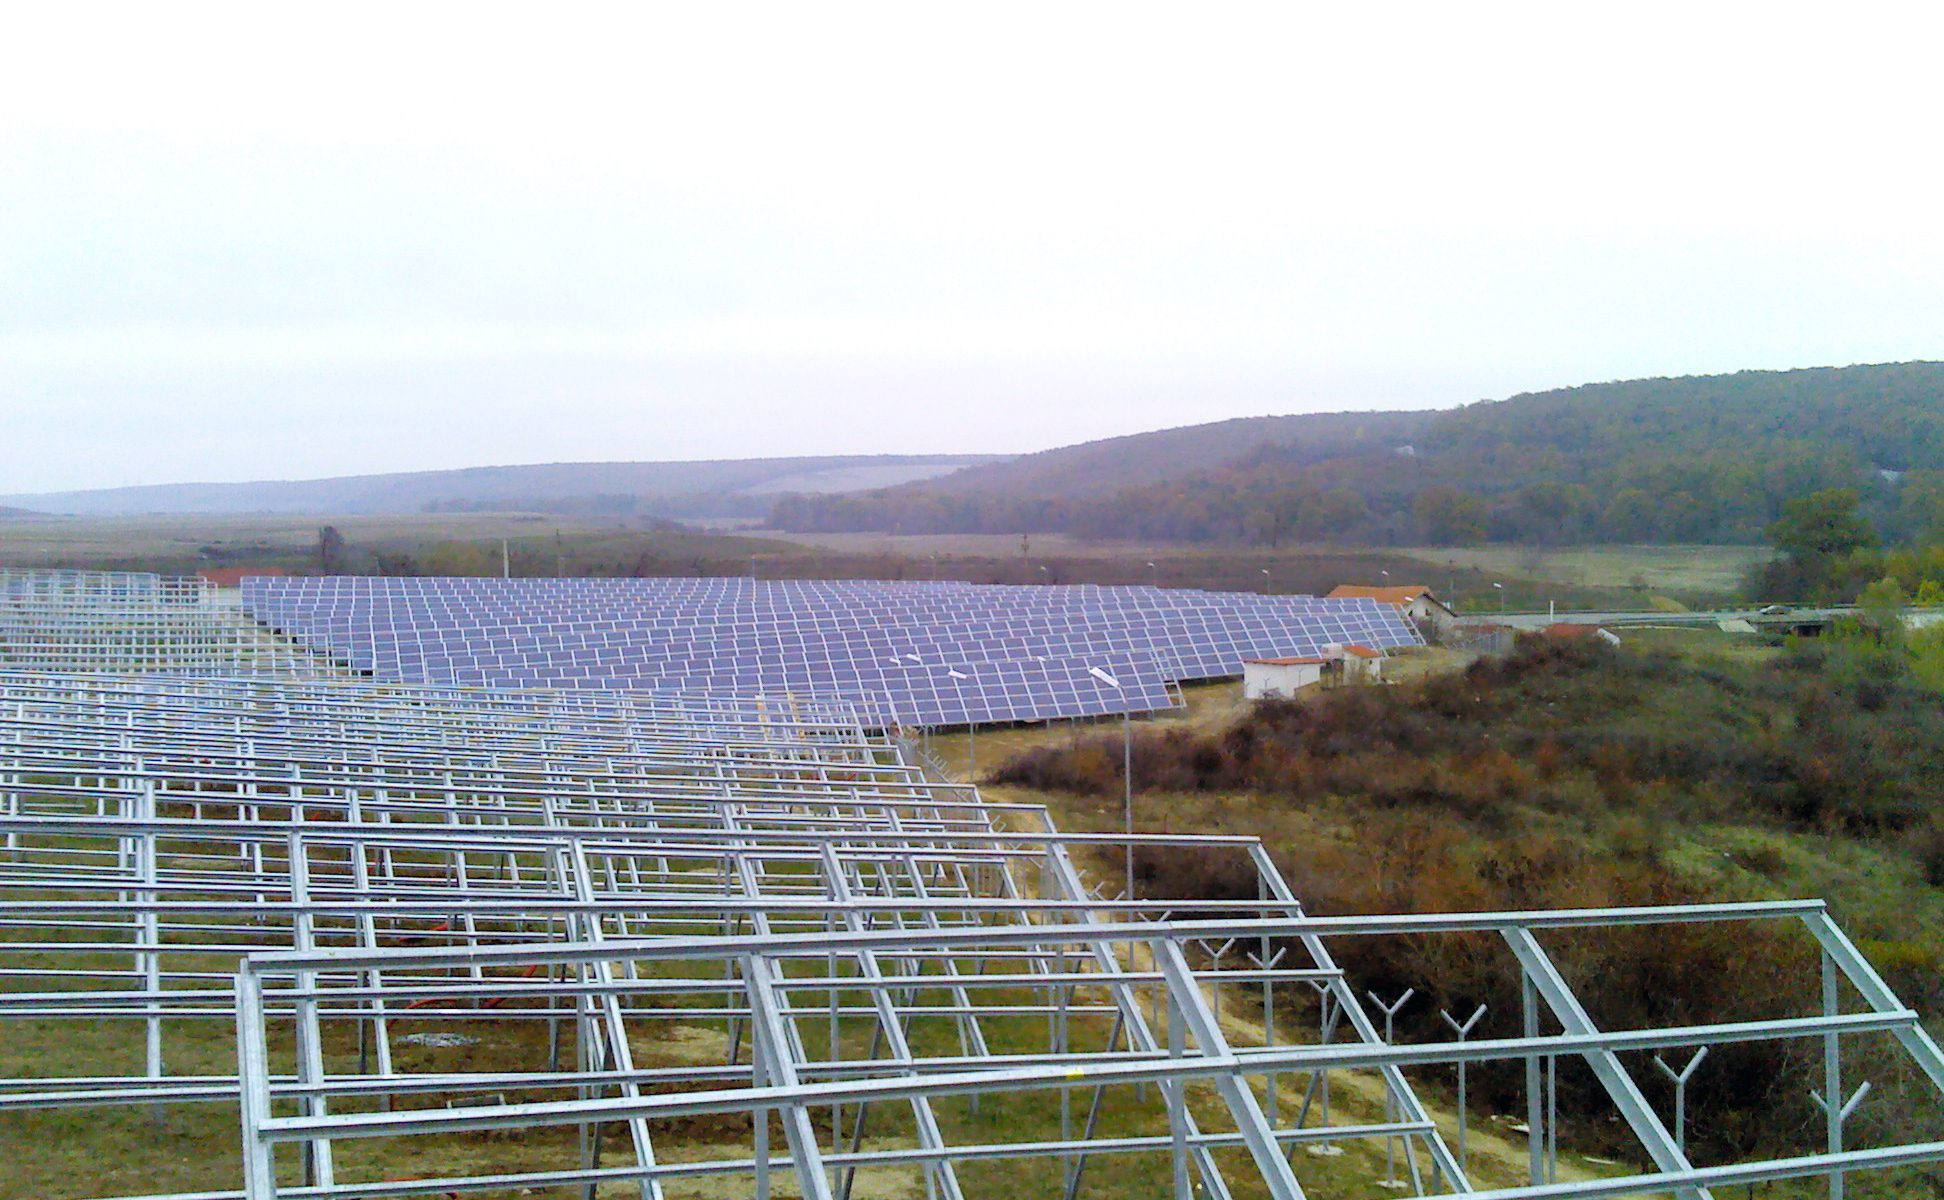 Energías renovables: Isolux Corsán construirá una central de energía solar fotovoltaica de 60 MW en Boshof, Sudáfrica